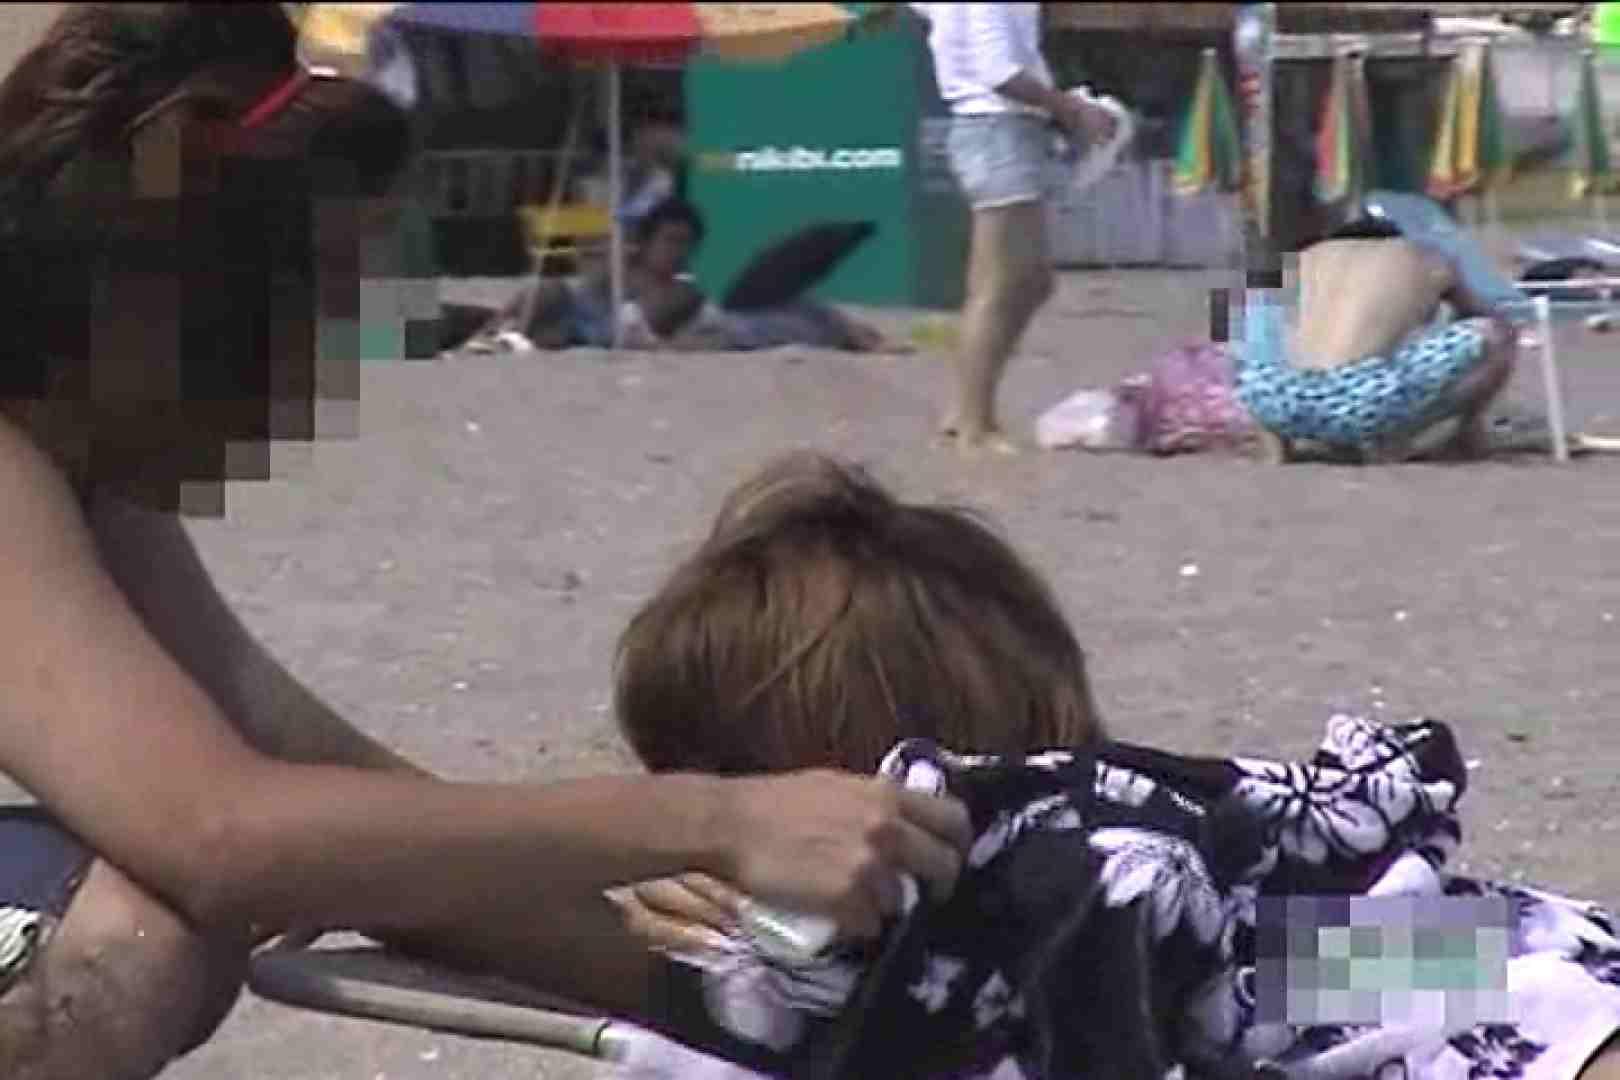 真夏のビーチは危険地帯Vol.2 丸見え ワレメ無修正動画無料 98画像 94